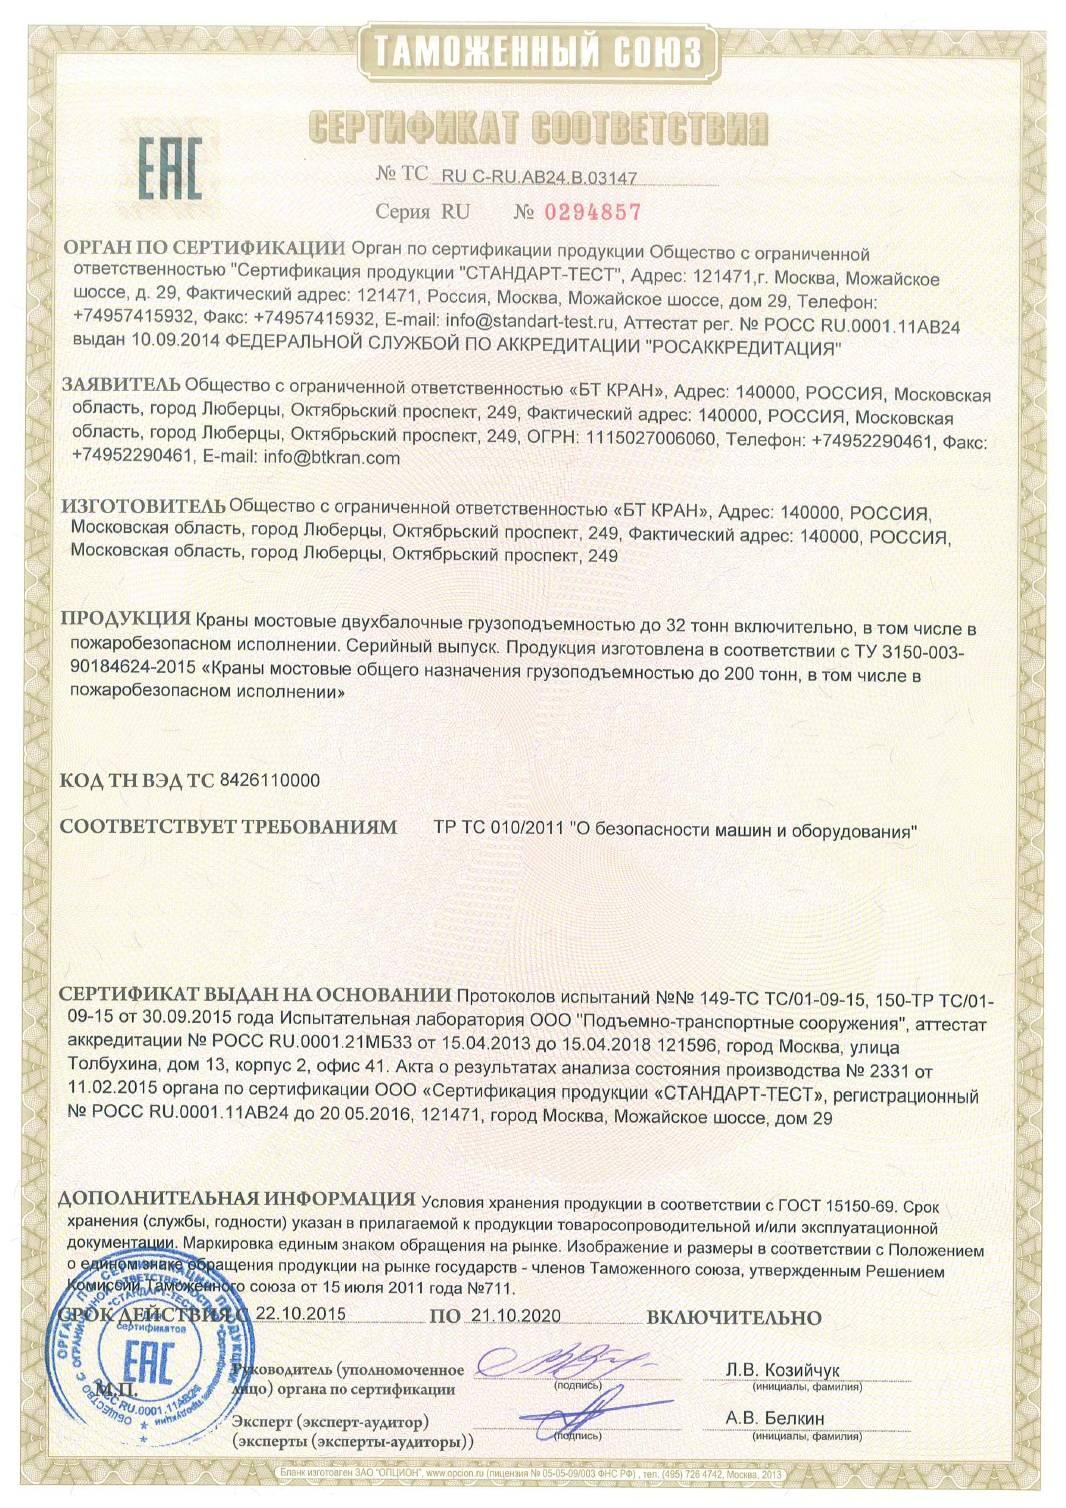 Сертификат на мостовые двухбалочные краны до 21.10.2020г.